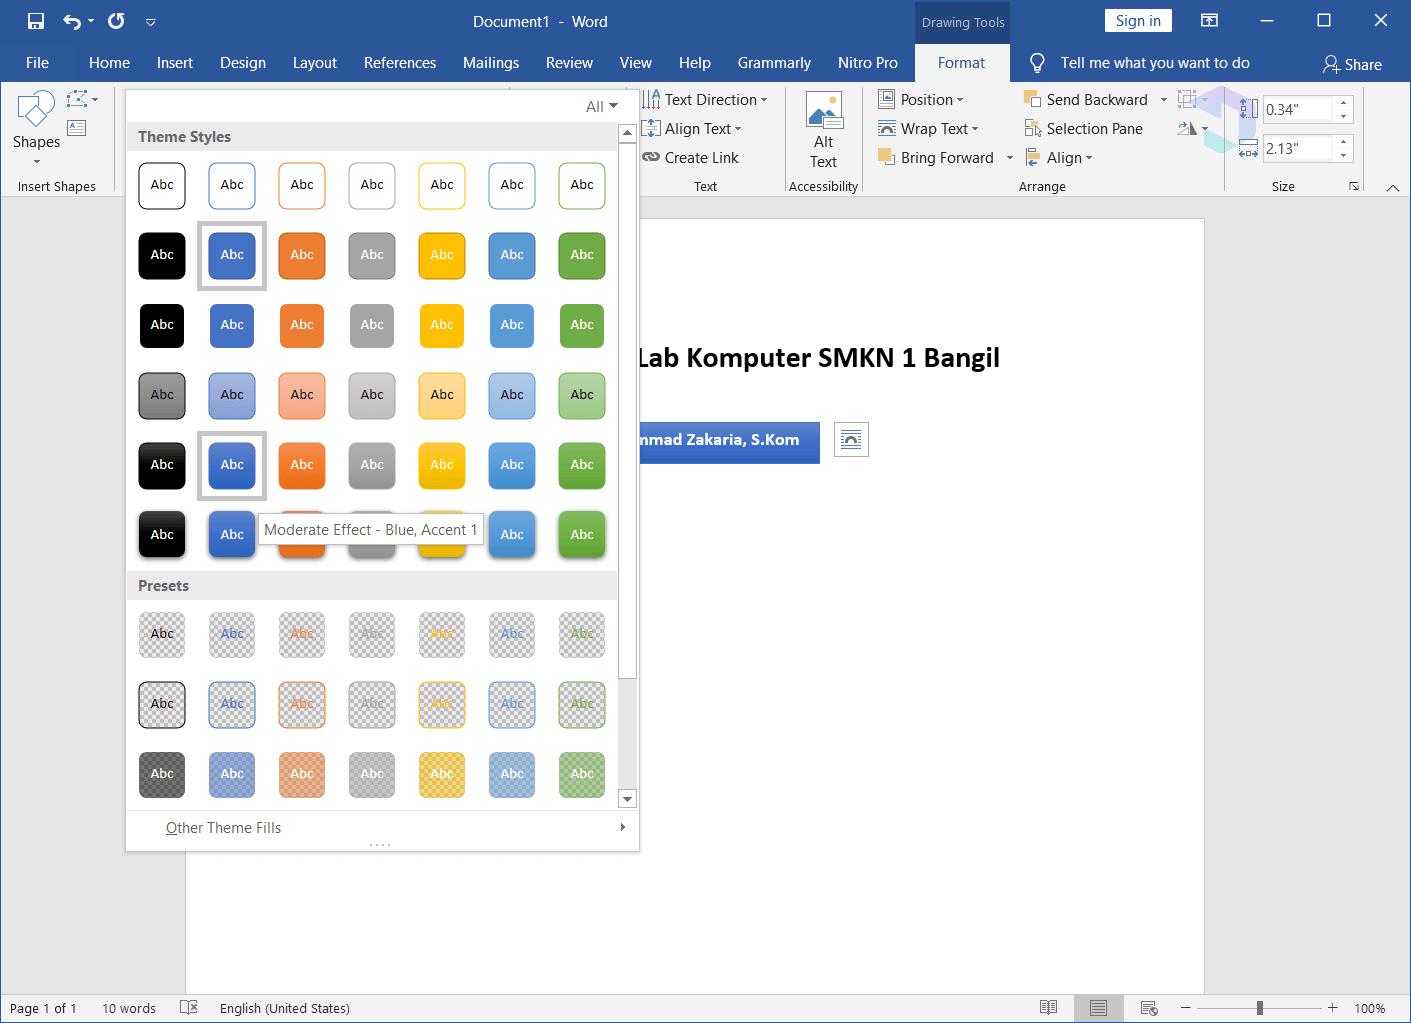 cara membuat struktur organisasi di microsoft word 2013